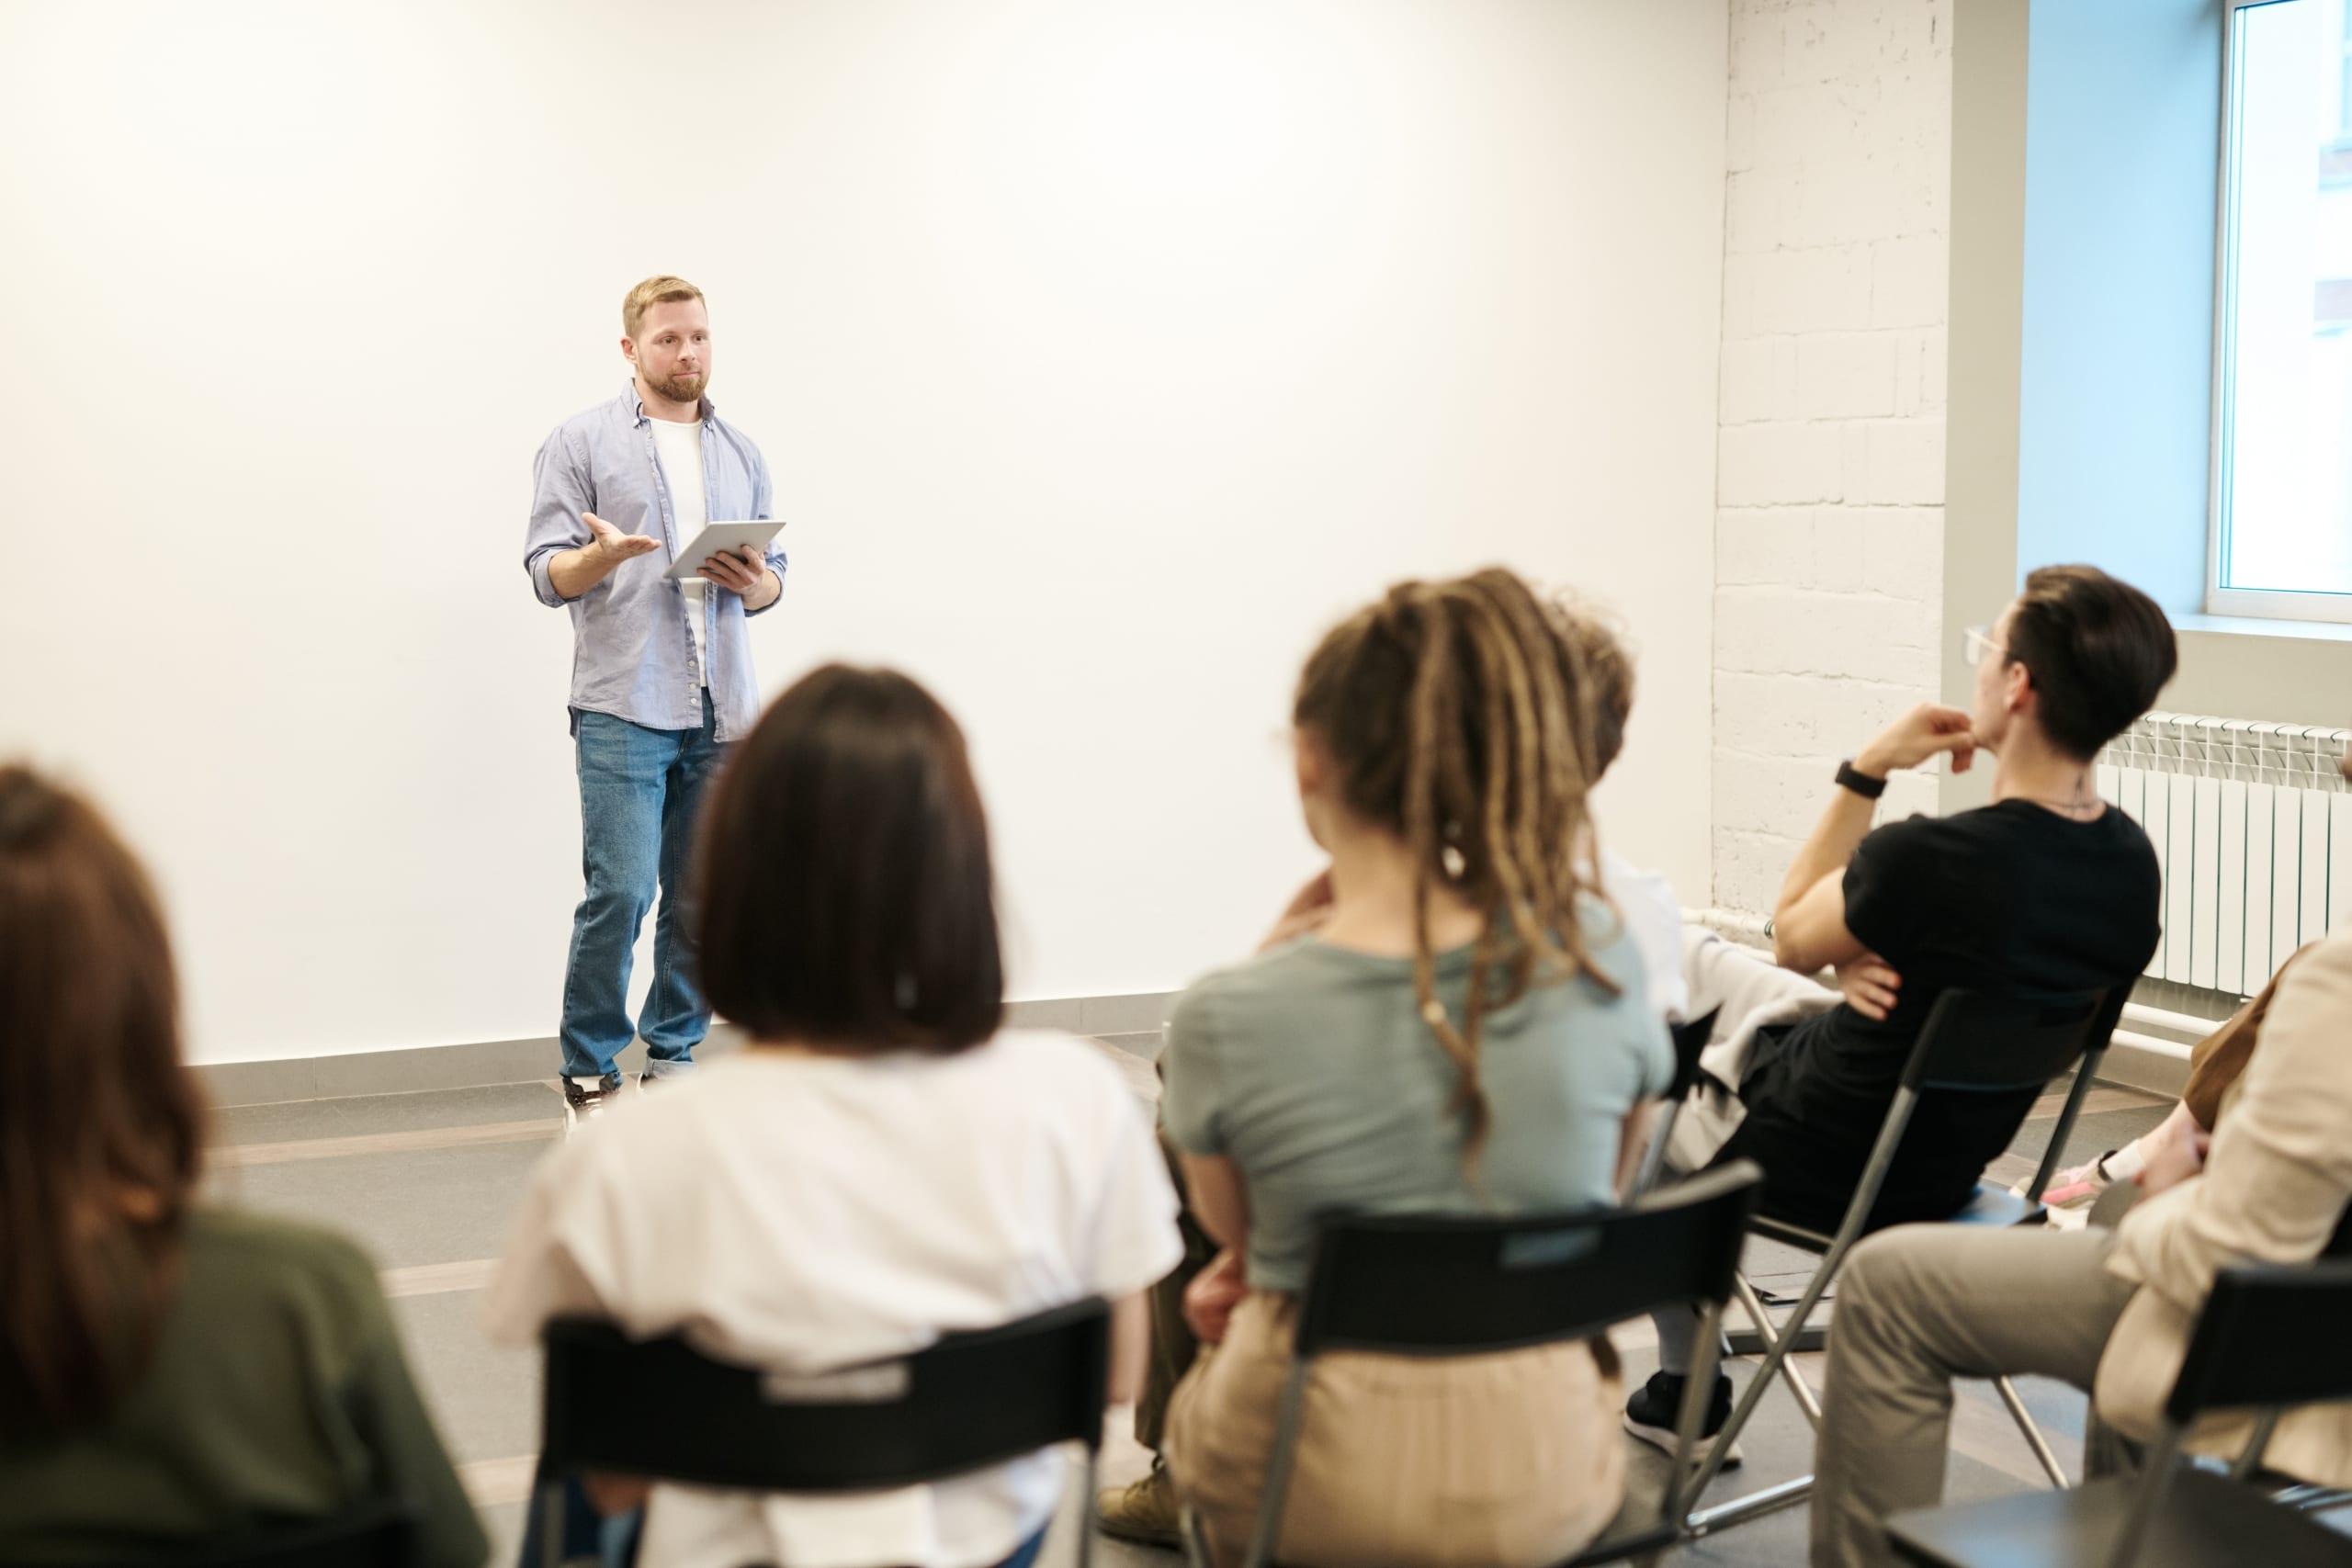 Creative Speaking Activities